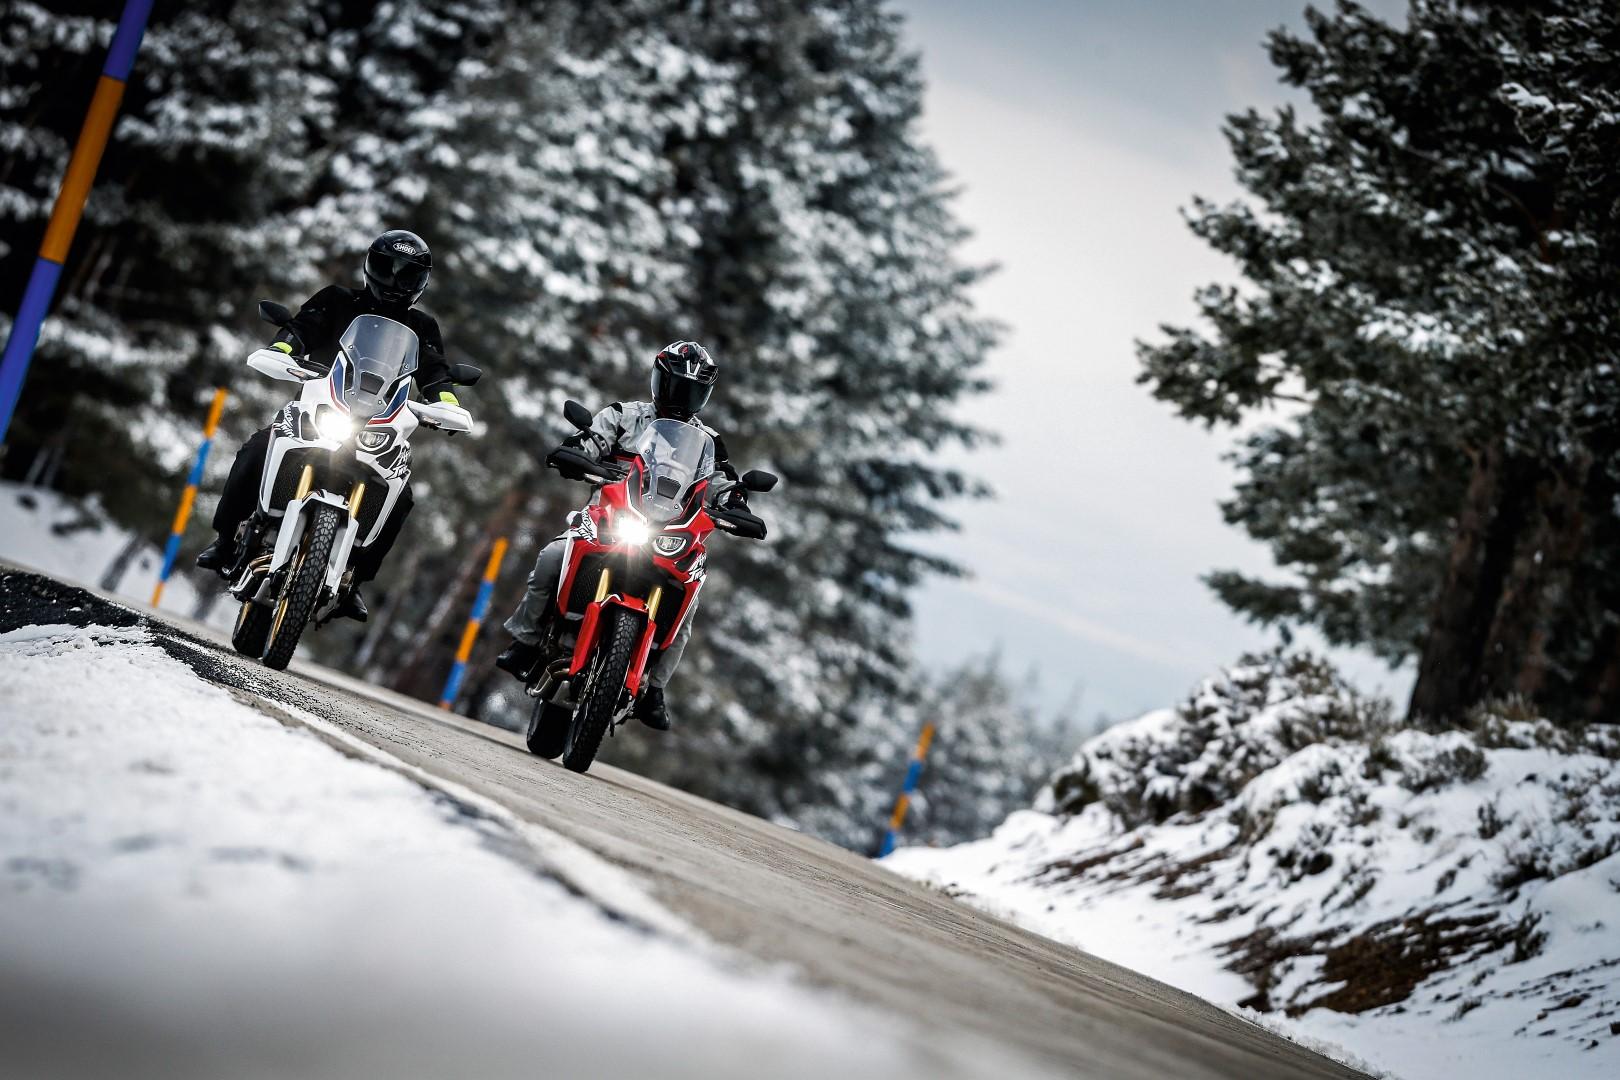 Especial invierno en moto y regalos para navidad for Moto regalasi